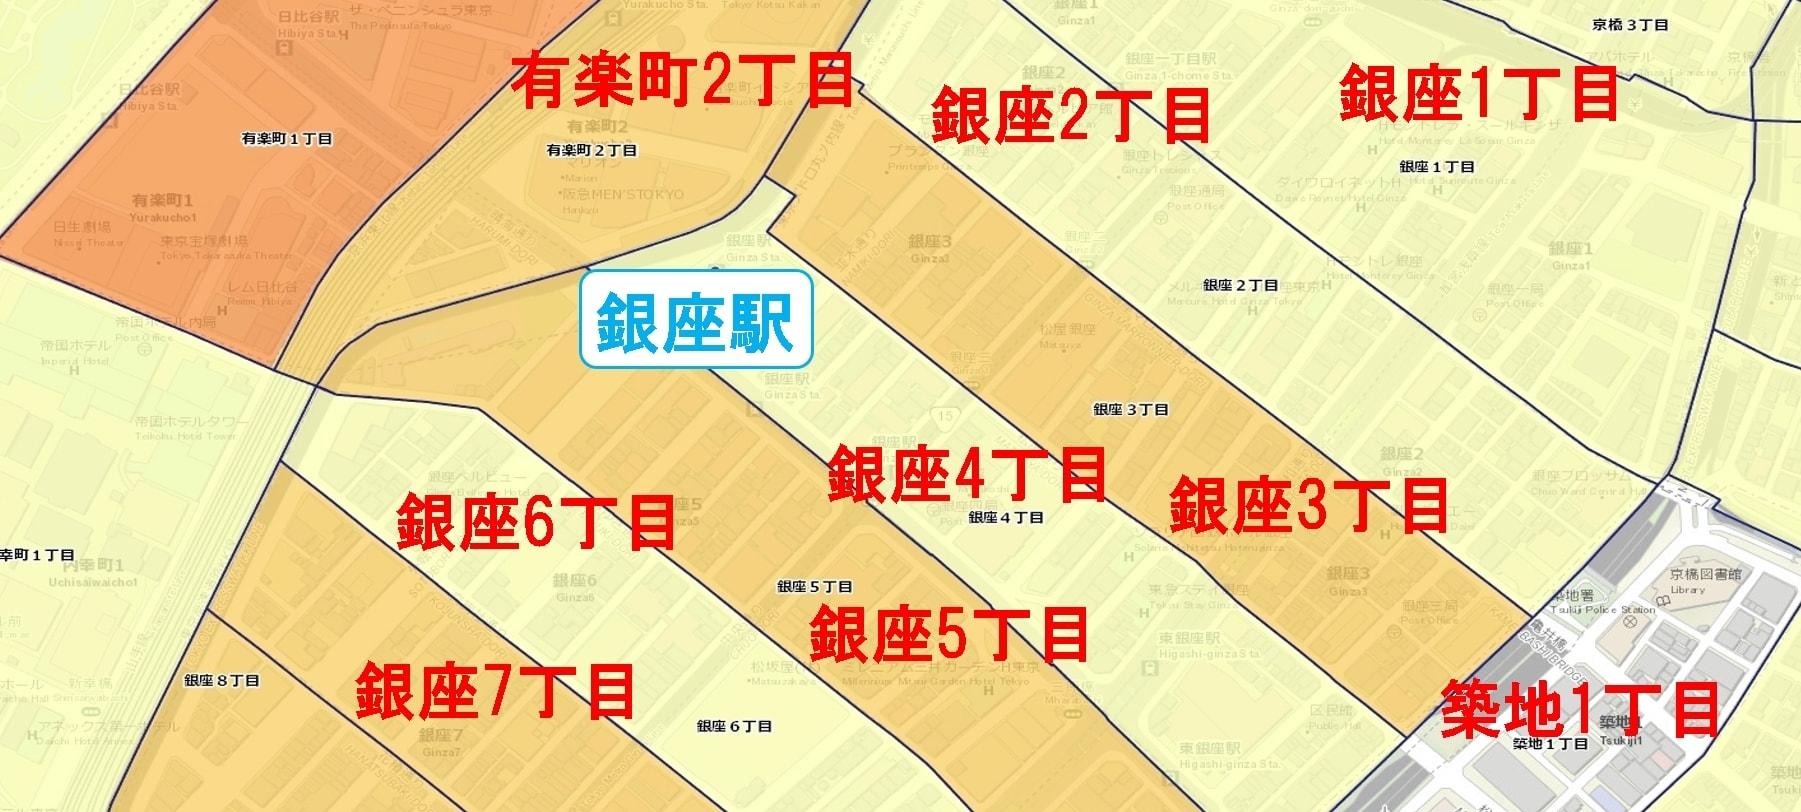 銀座駅周辺の粗暴犯の犯罪件数マップ